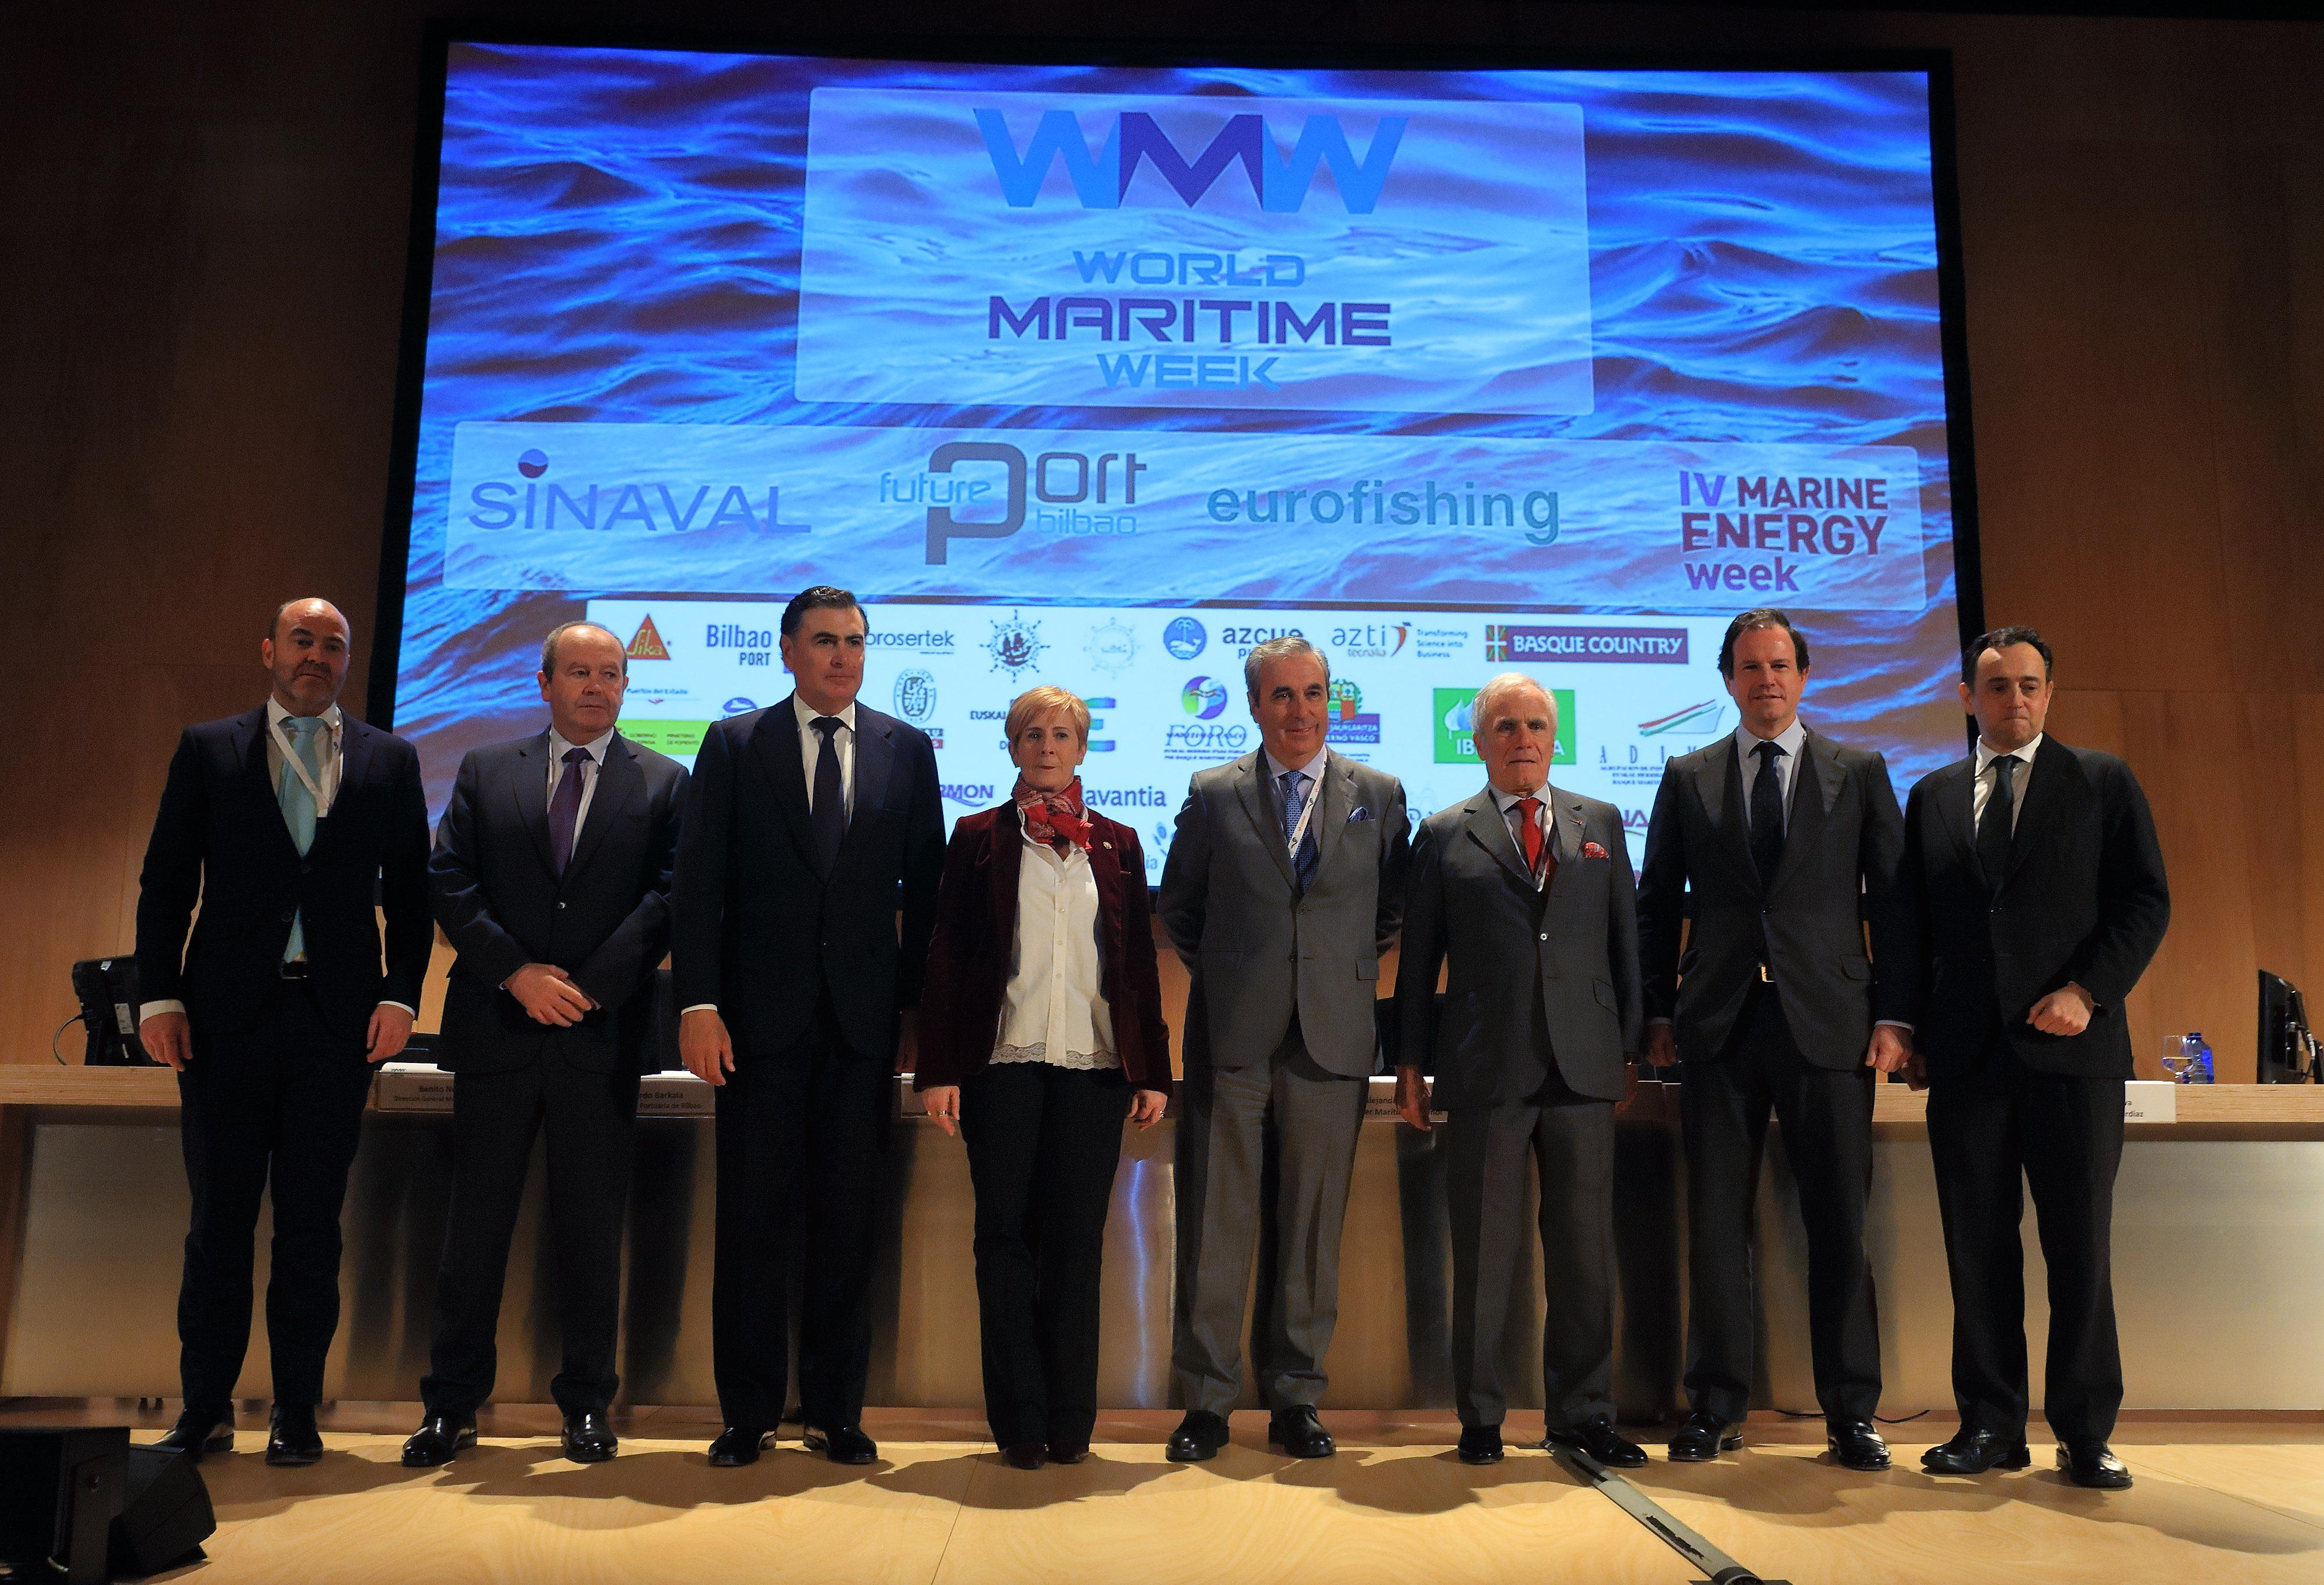 Euskadik ontzigintzaren, portuen, arrantzaren eta energia berriztagarrien arloetan duen indarra erakutsiko du World Maritime Week azokan